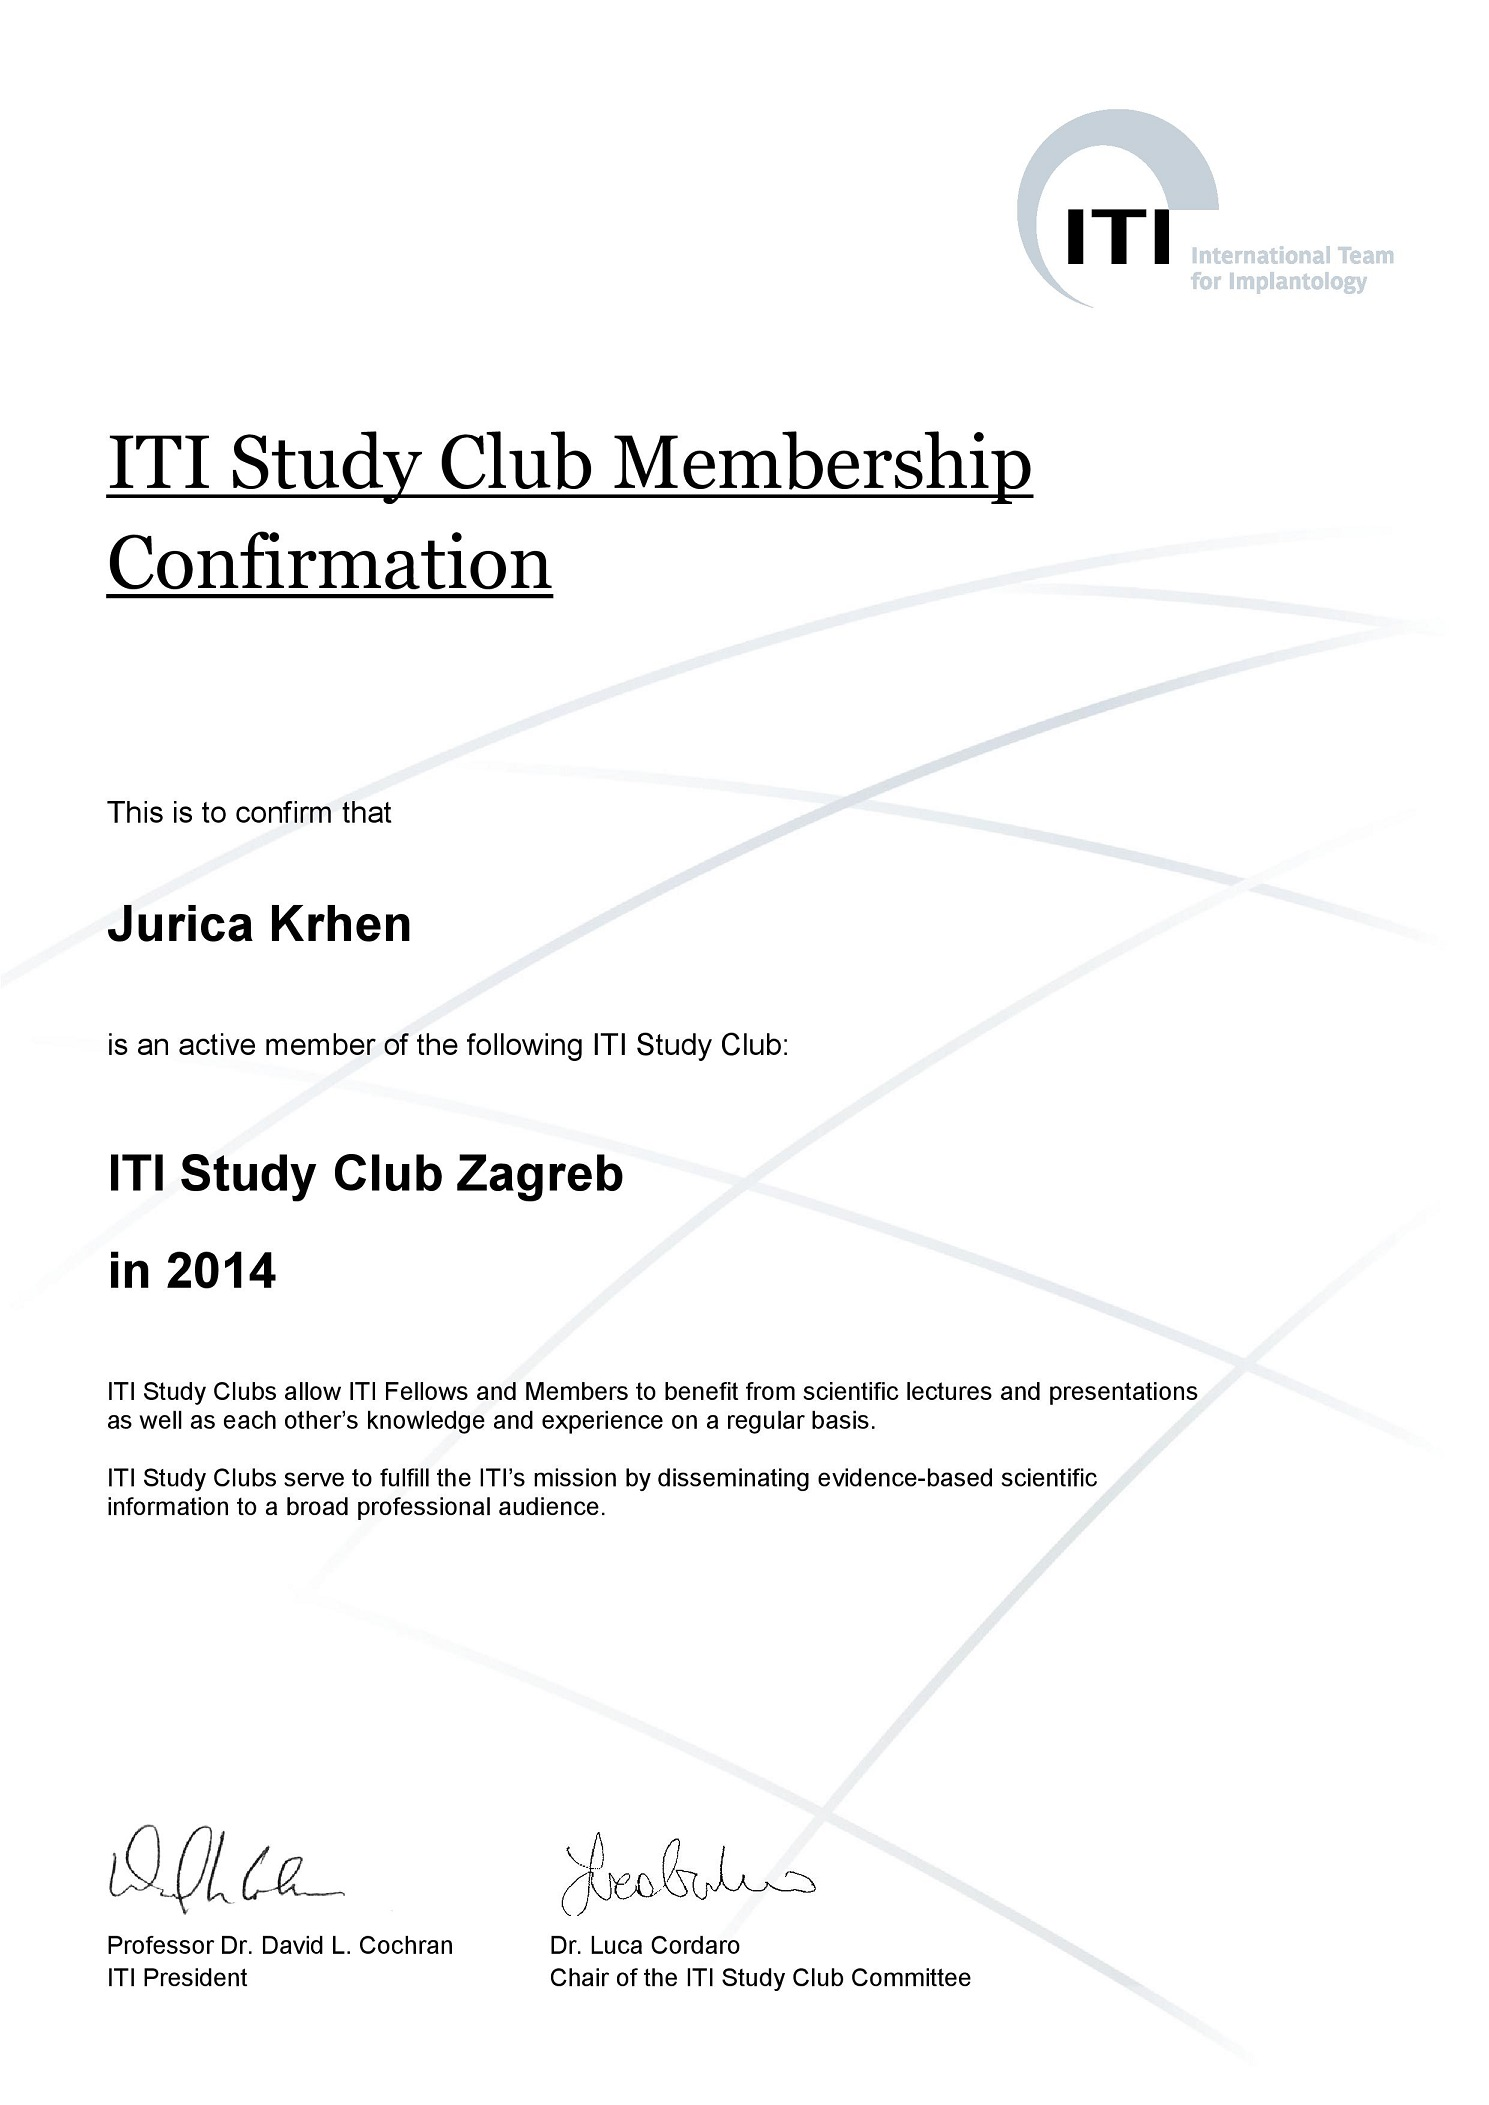 ITI Study Club 2014